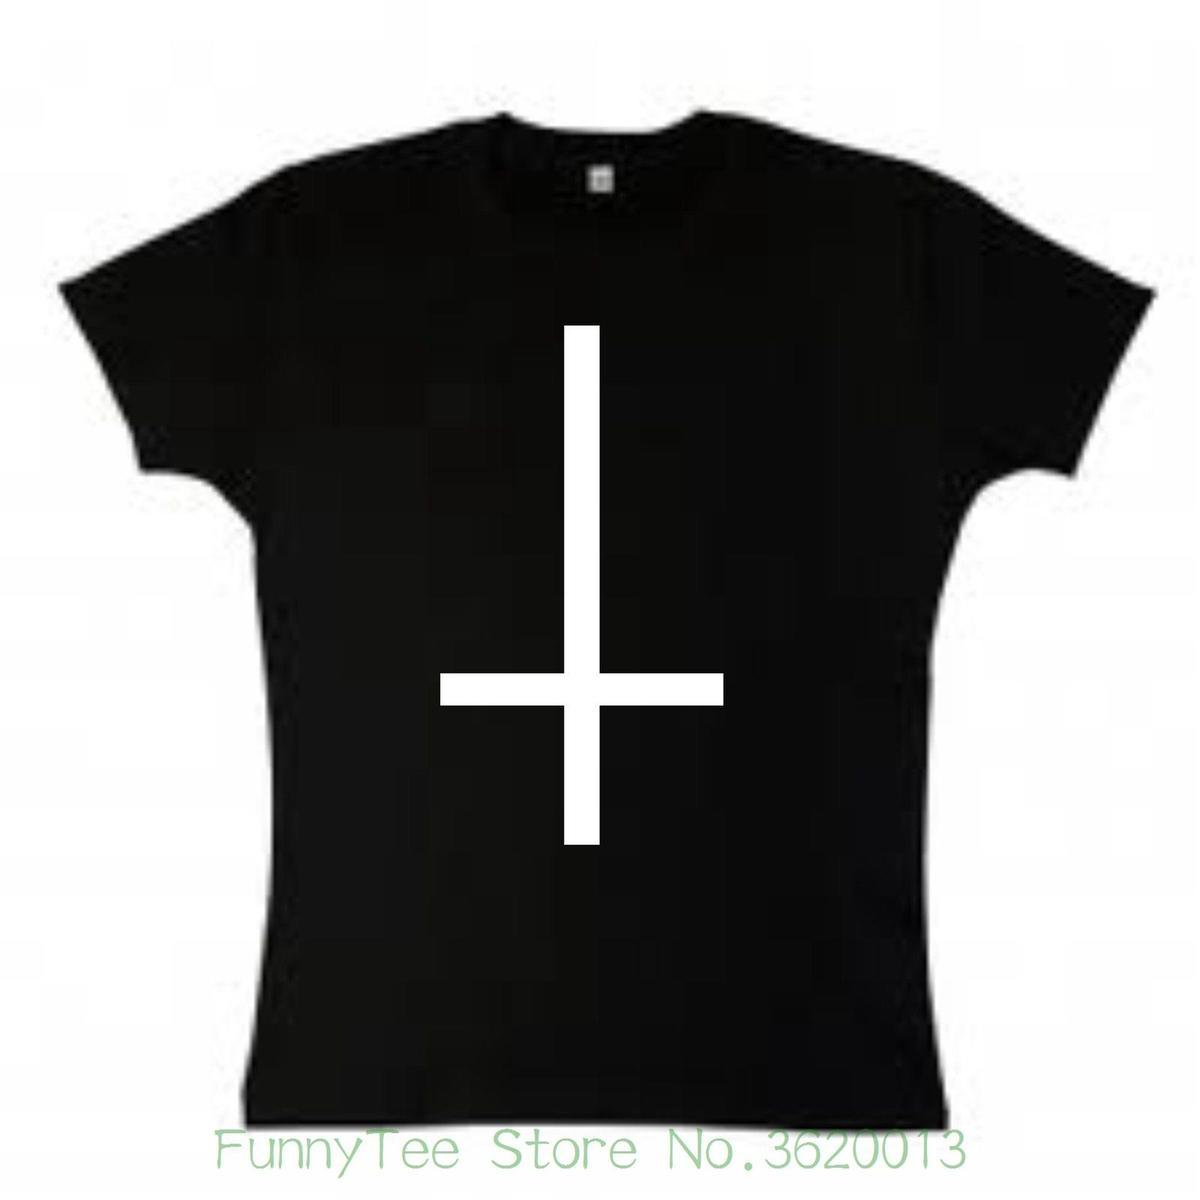 56550fb796679 T-Shirt der Frauen umgedrehtes Kreuz-weibliches T-Shirt - Goth, Punk, alle  Größen färbt weiblichen zufälligen Hip Hop